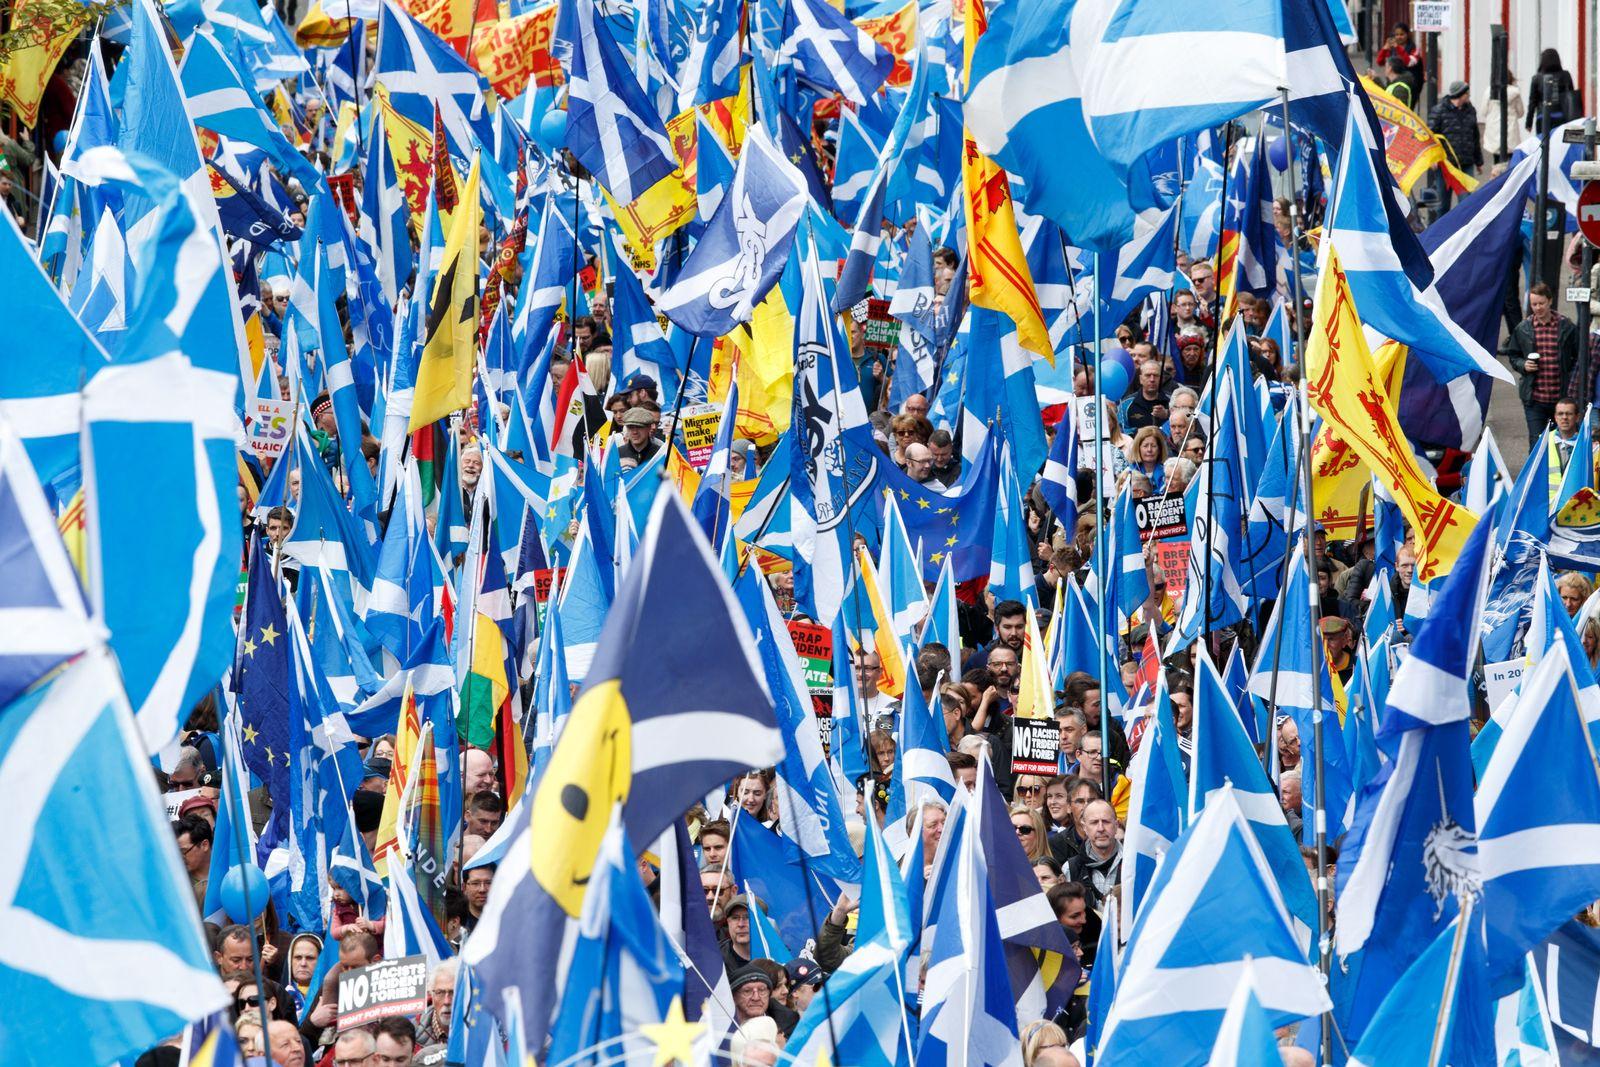 Schottland Demonstration